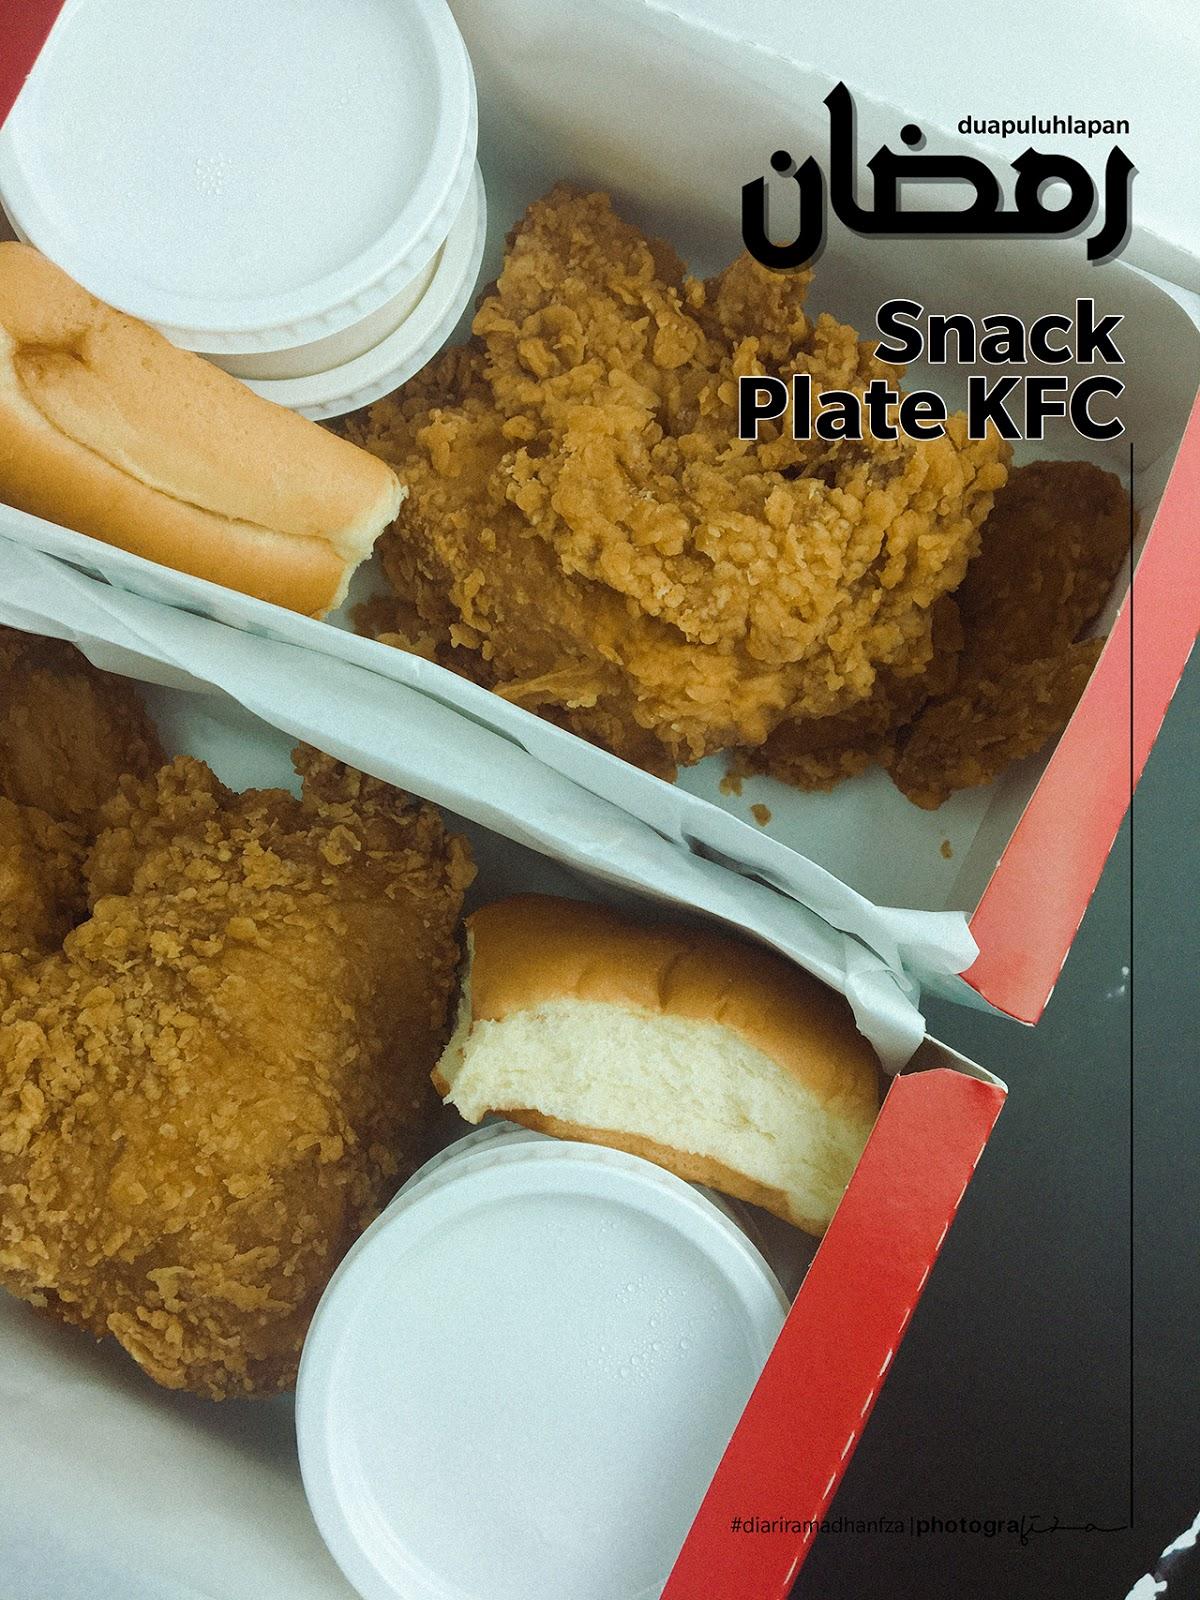 KFC Snack Plate